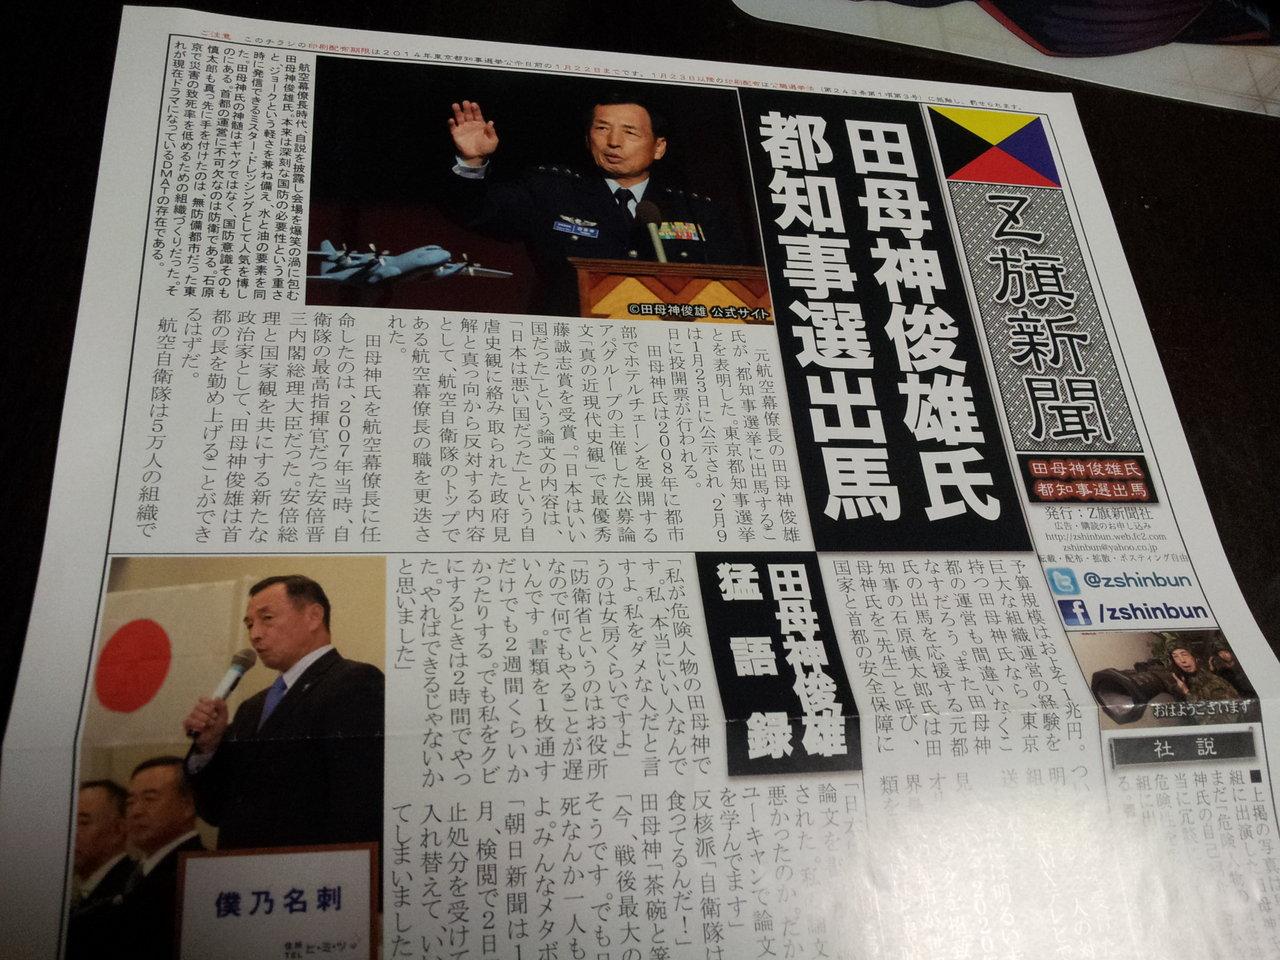 田母神さん支援団体発行の「Z旗新聞」が本気でコワイ